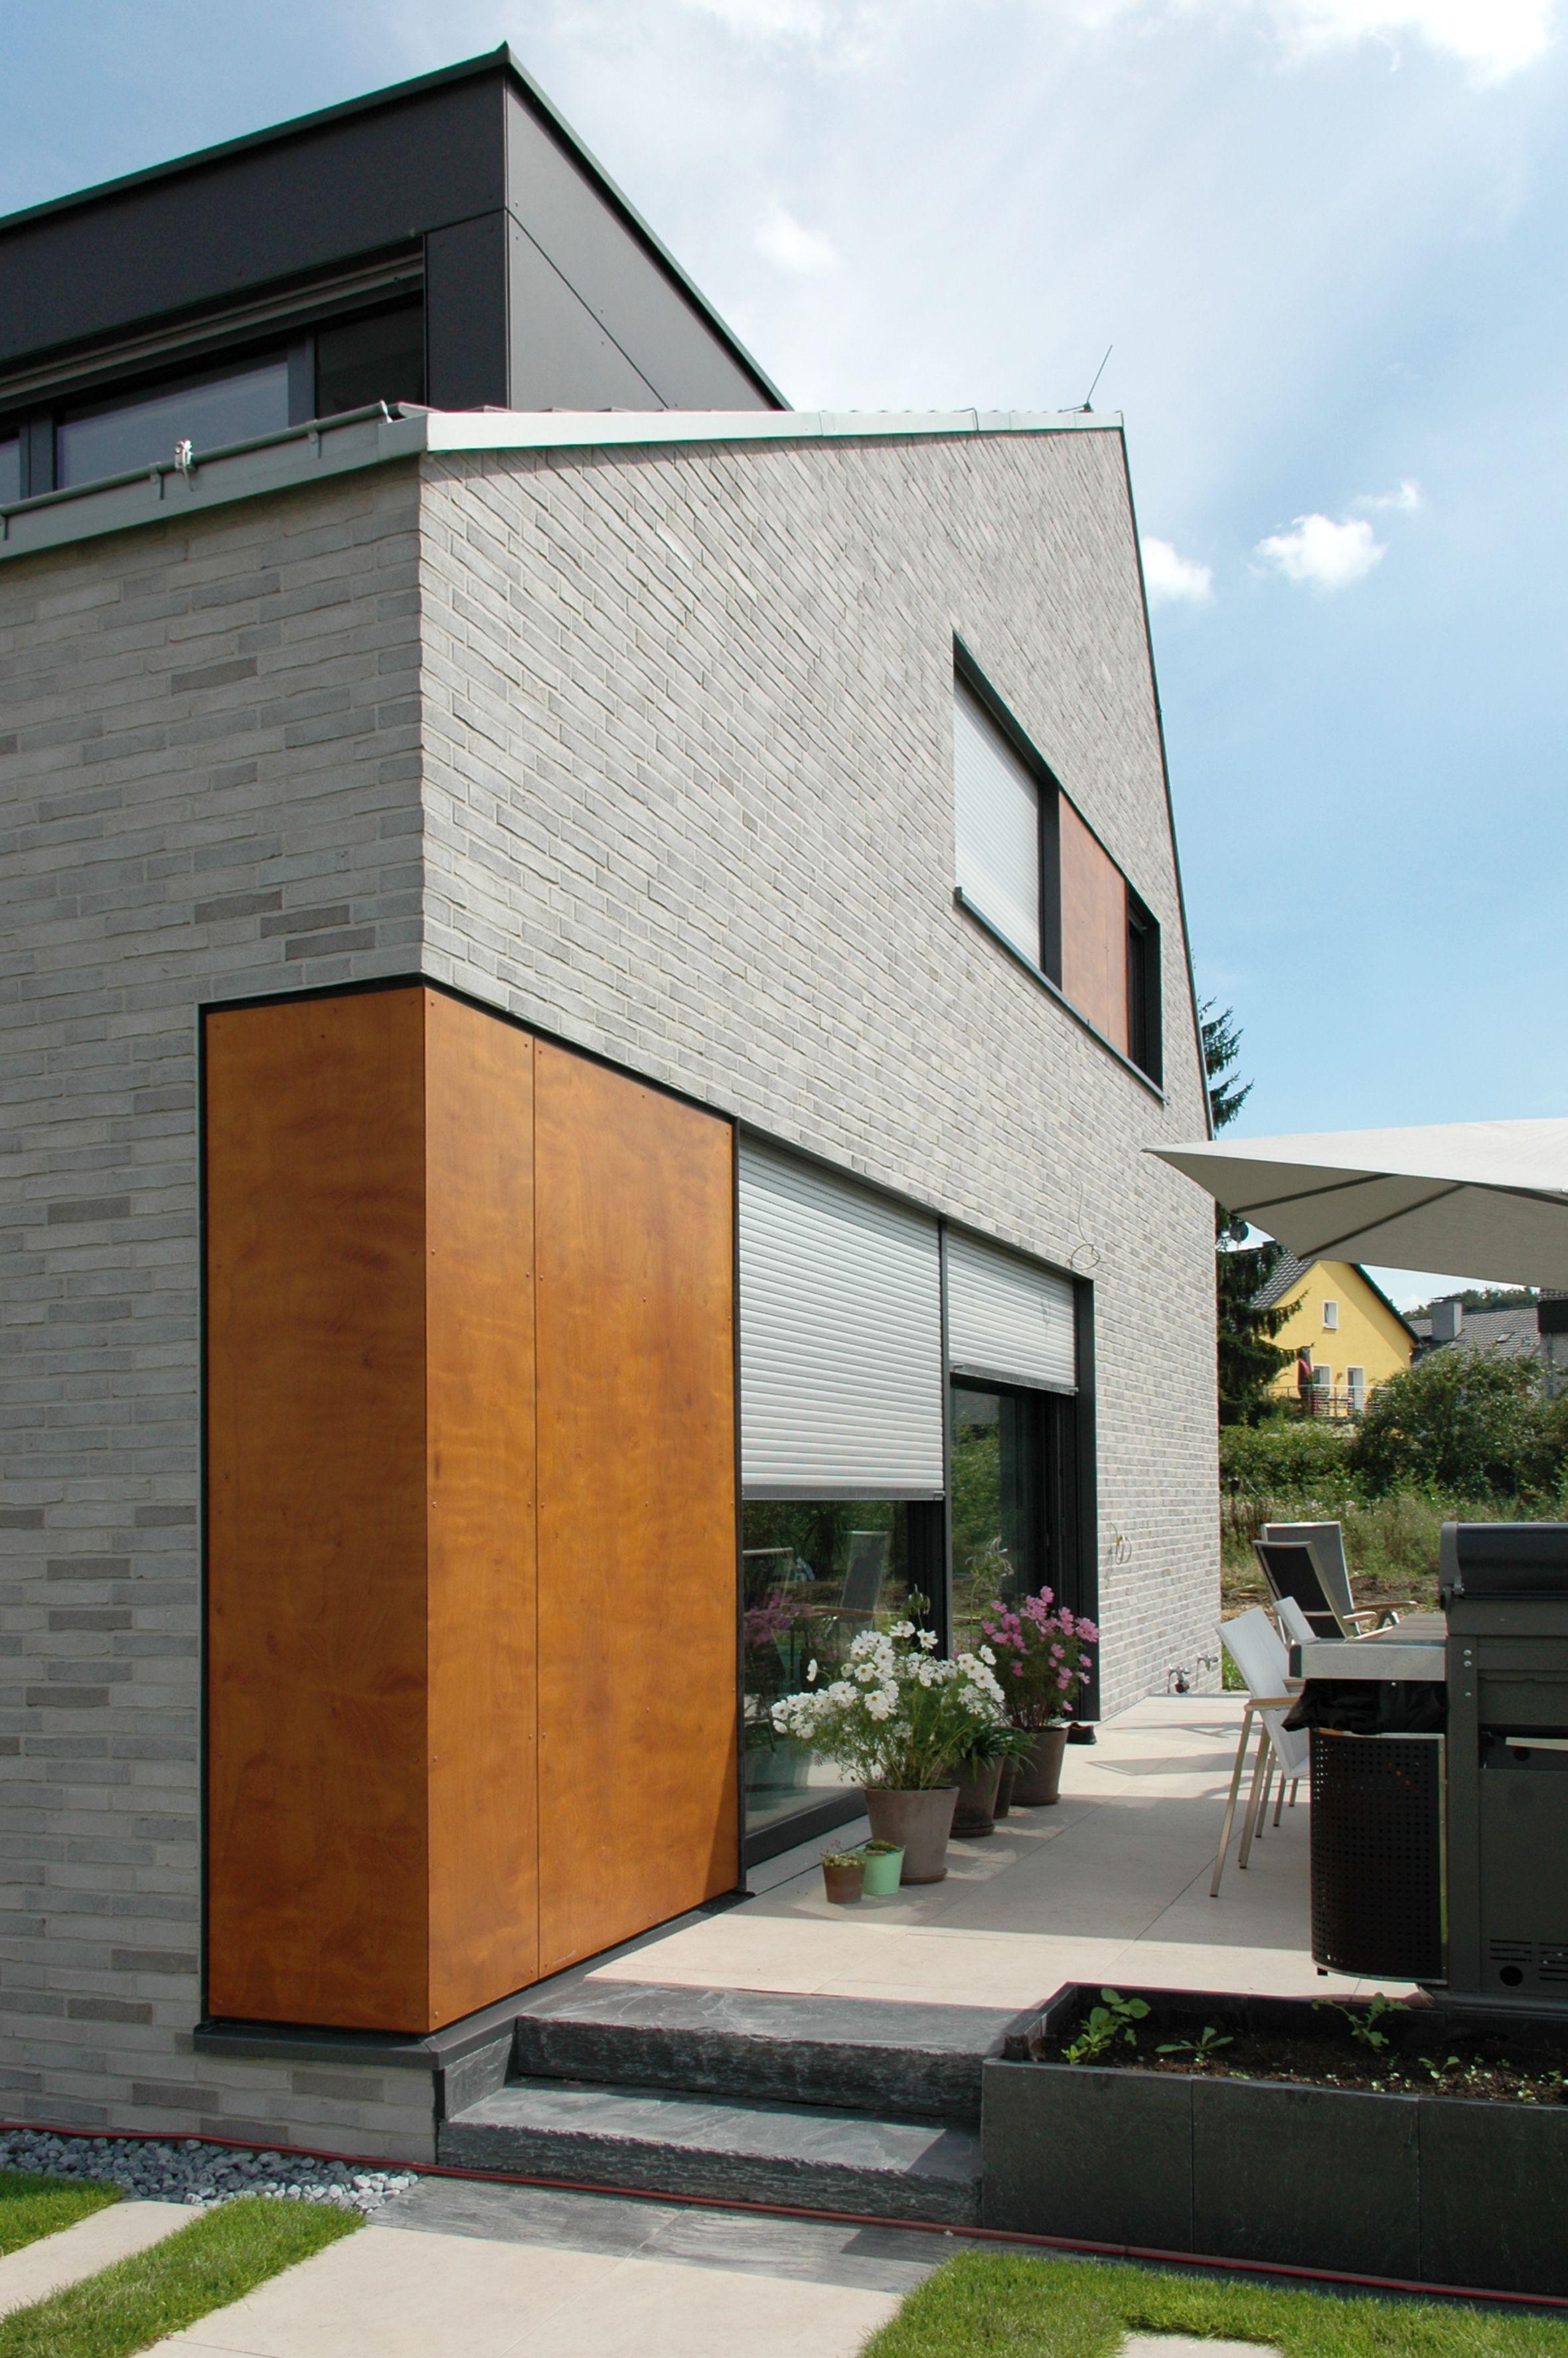 Neues aus Klinker! (mit Bildern) Häuser klinker